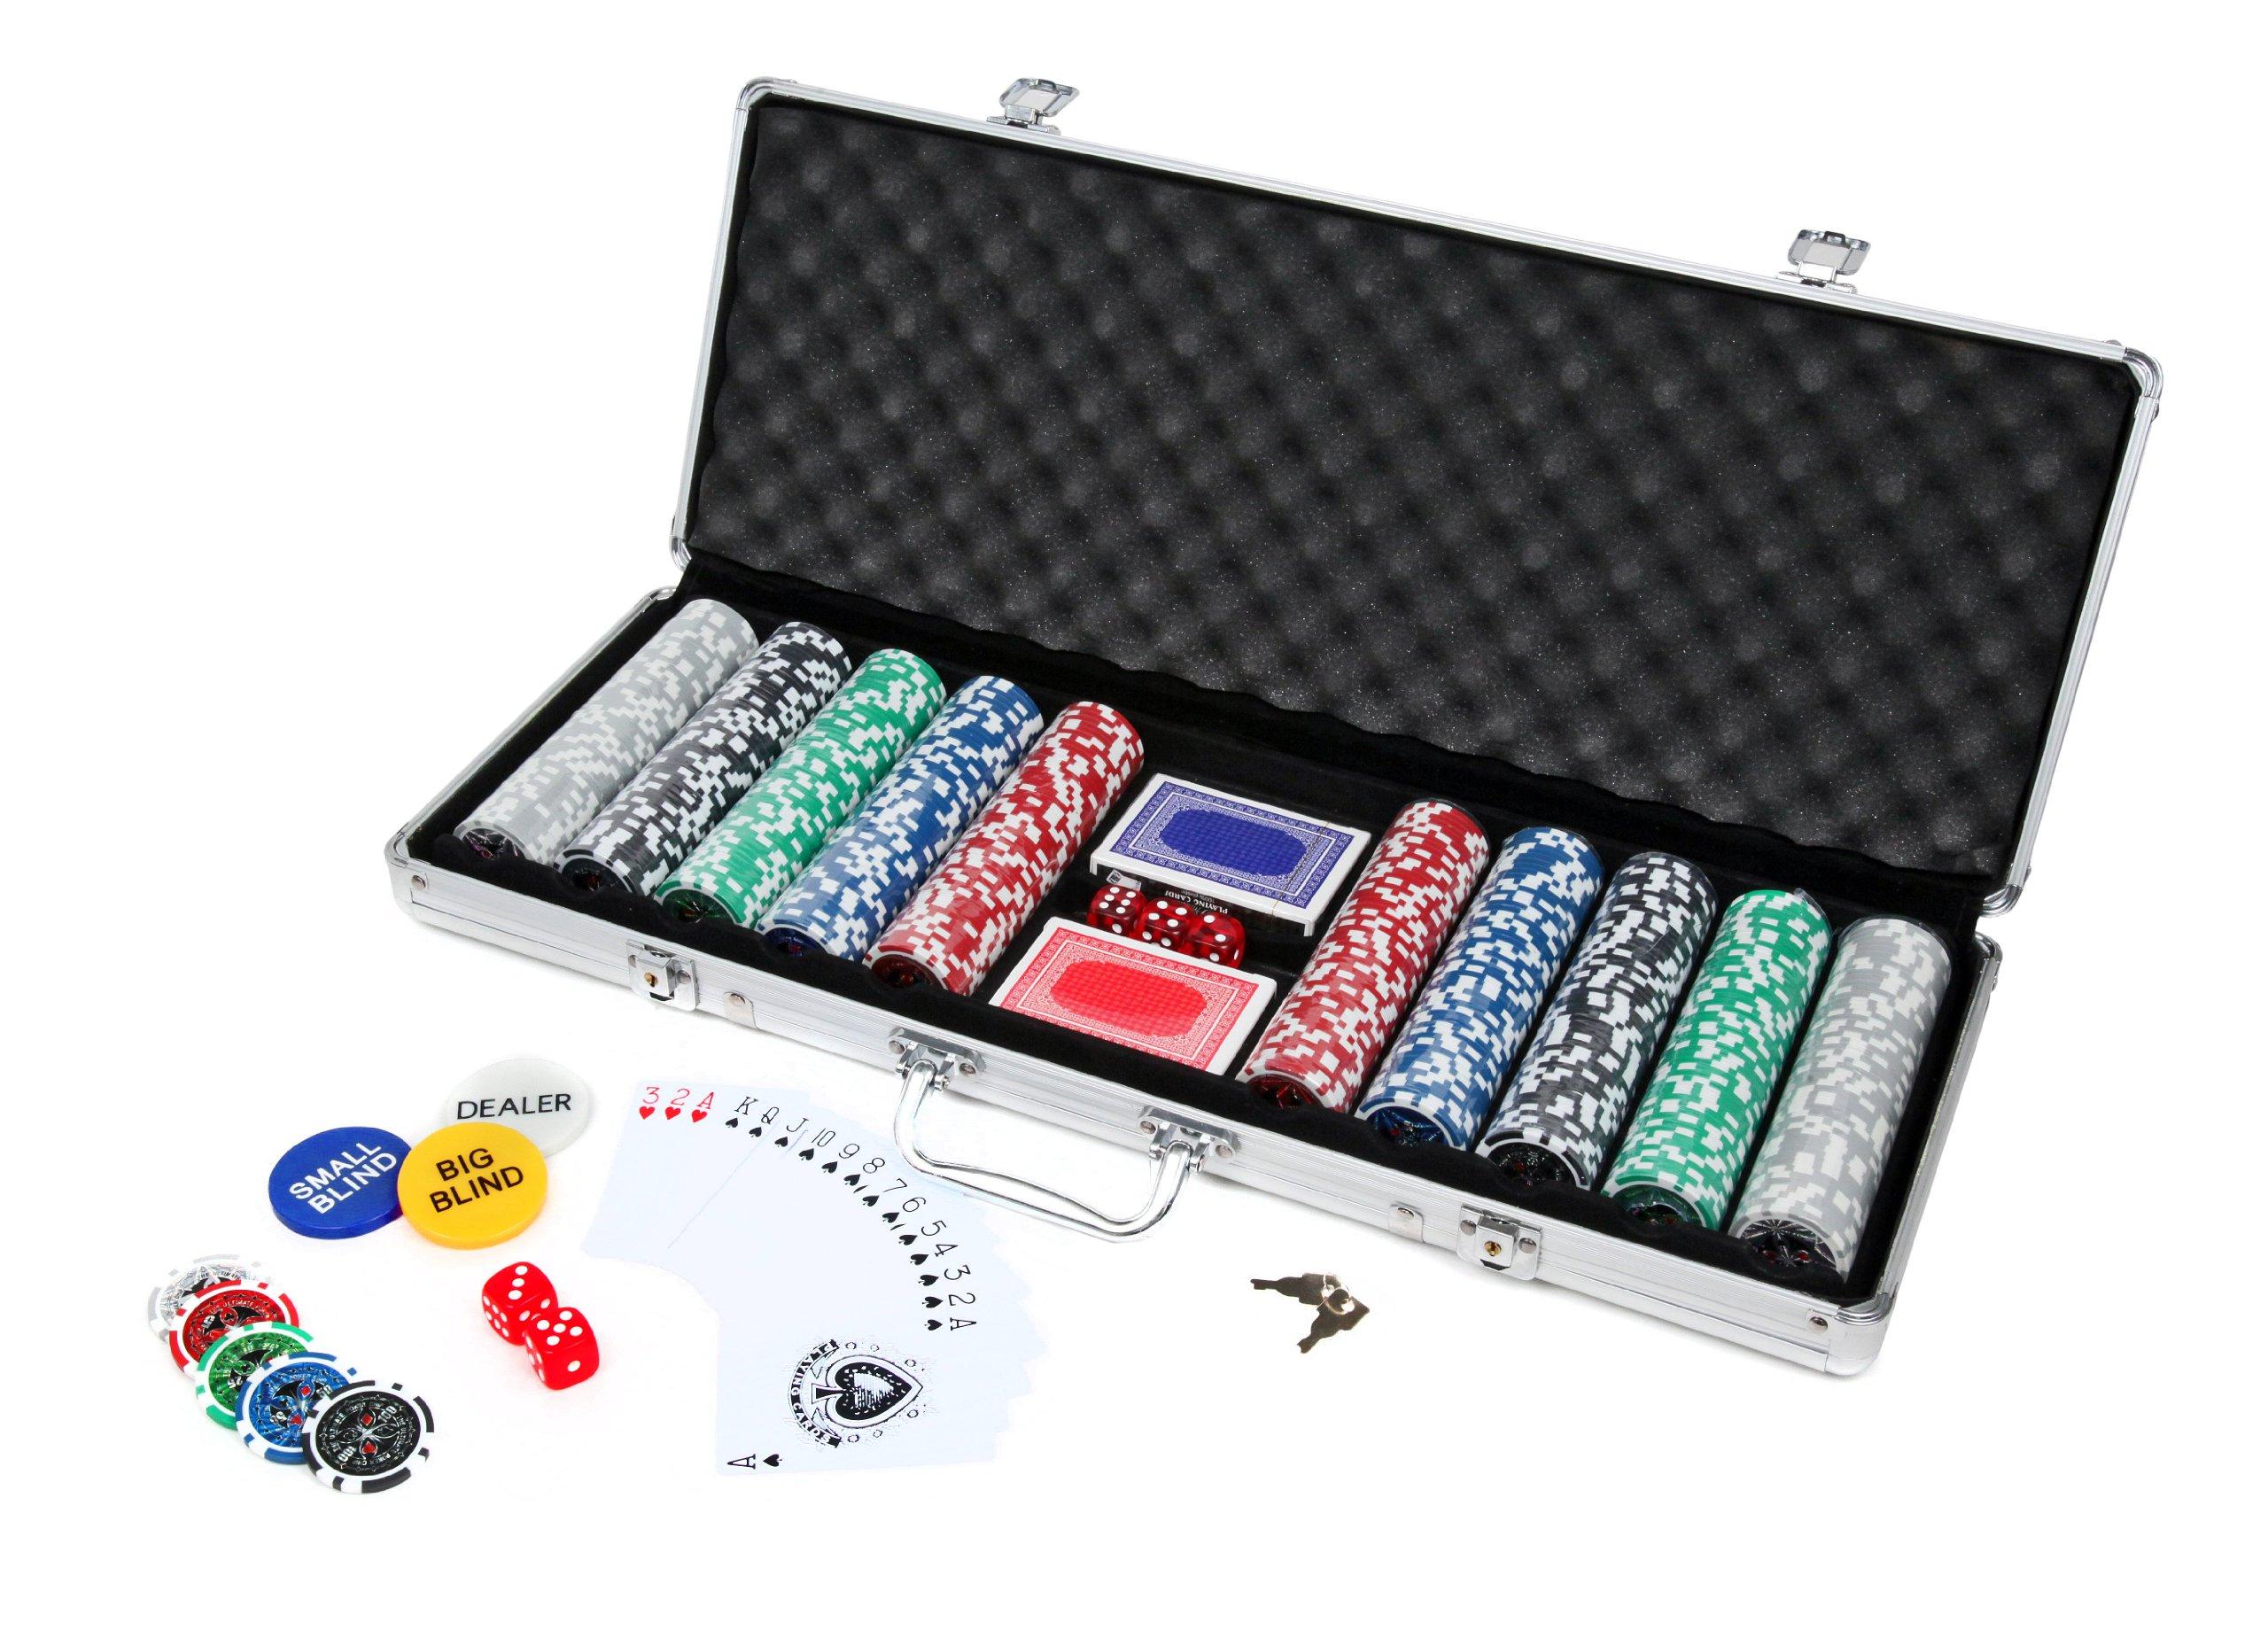 Ultrasport Poker Case - Juego de Cartas: Amazon.es: Deportes y aire libre